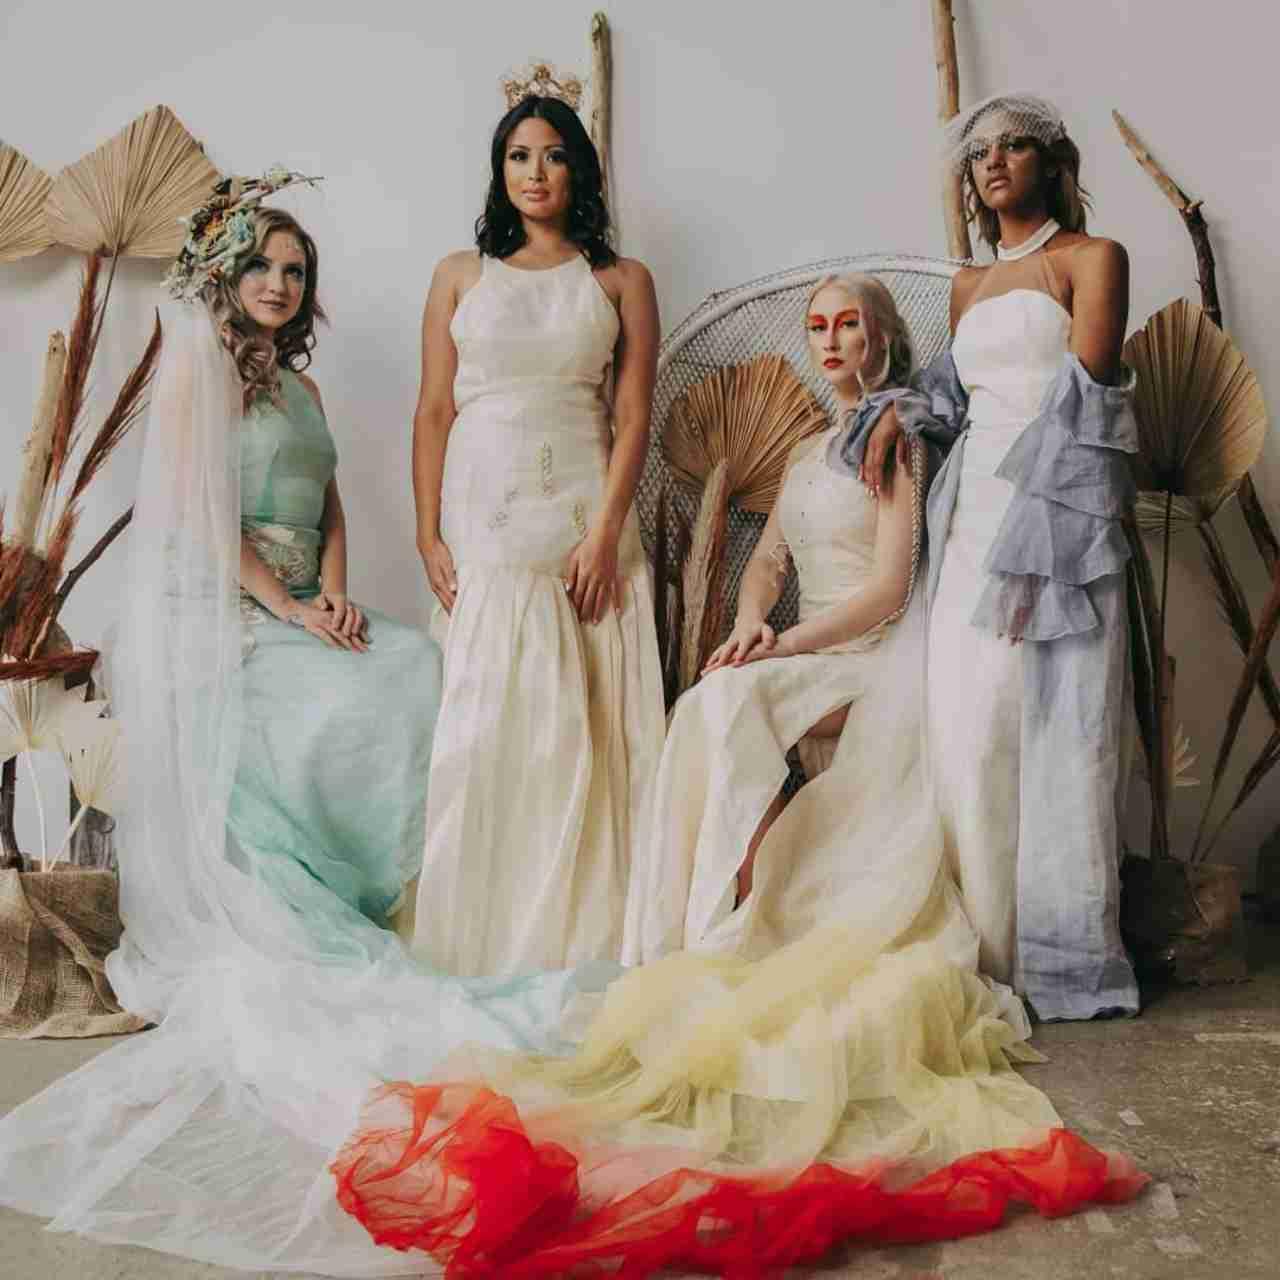 Modelle con vestiti in tessuto ecologico abaca